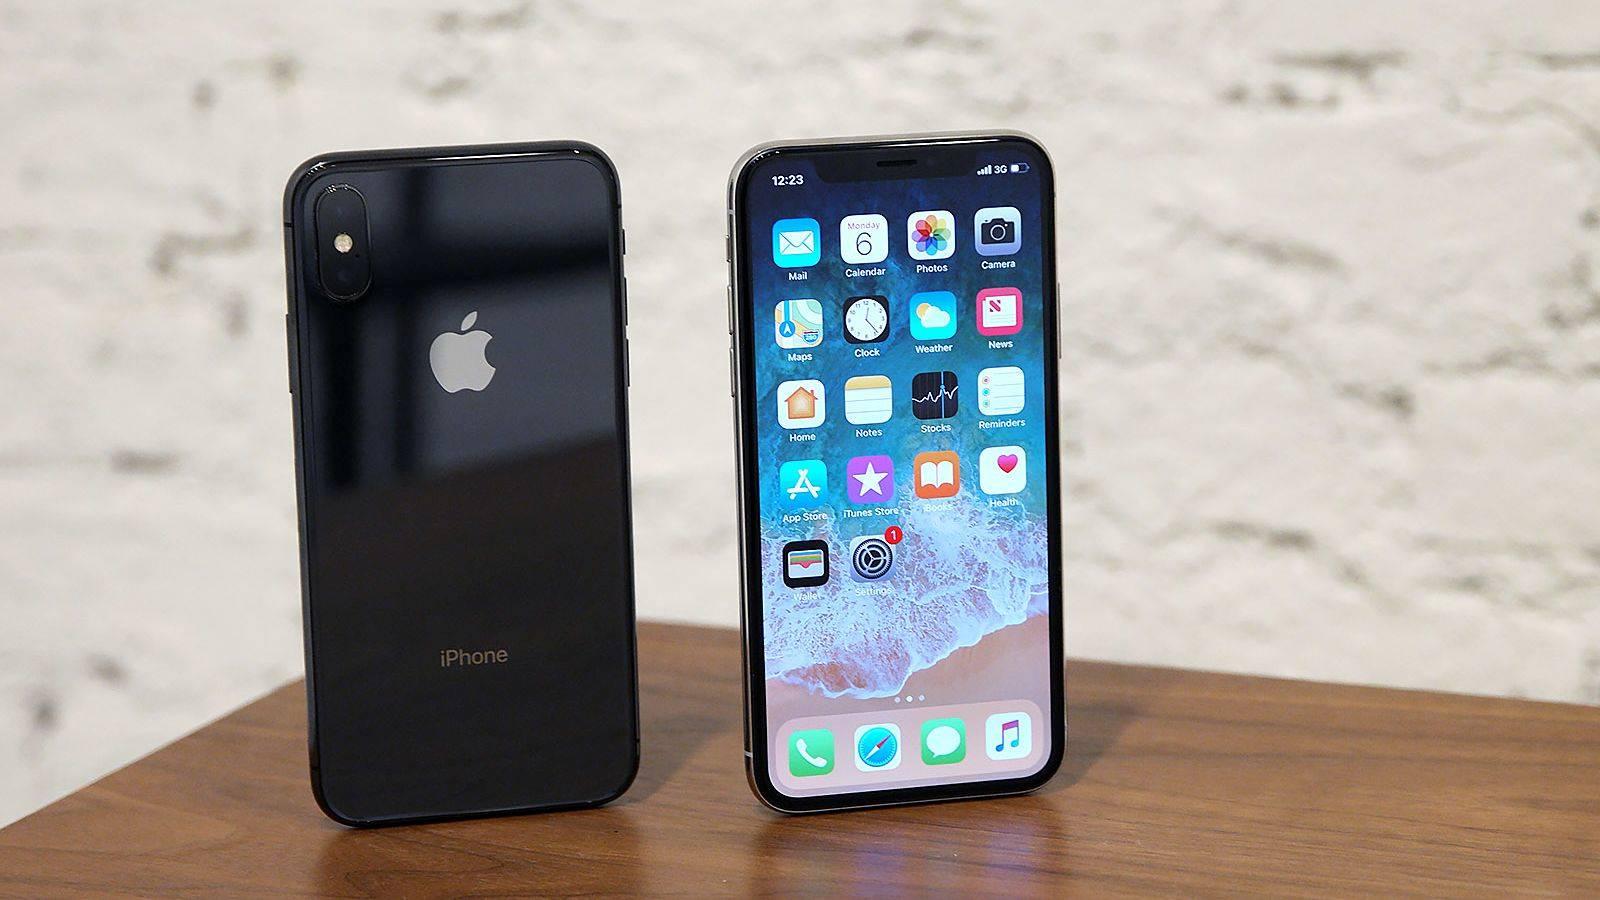 iphone ipad sparte cellebrite